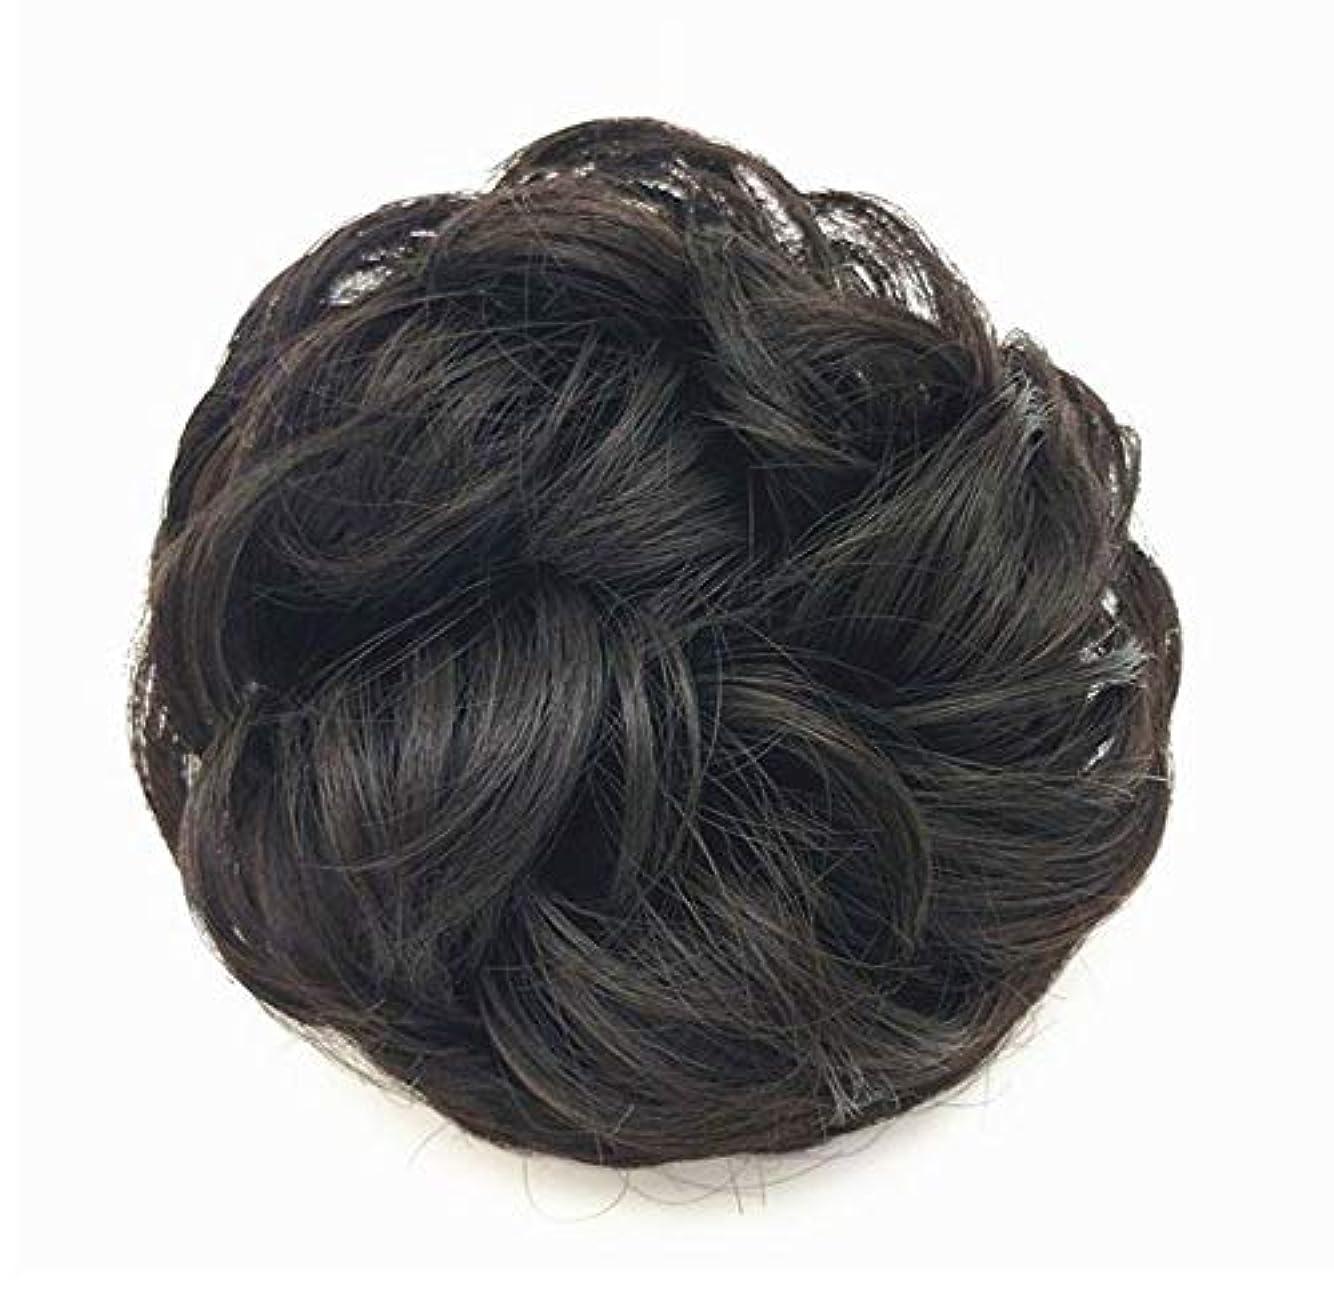 スロベニア焦がす挨拶する乱雑な髪のお団子シュシュの拡張機能、女性用カーリー波状リボンアクセサリー、ドーナツアップドポニーテールシニョン